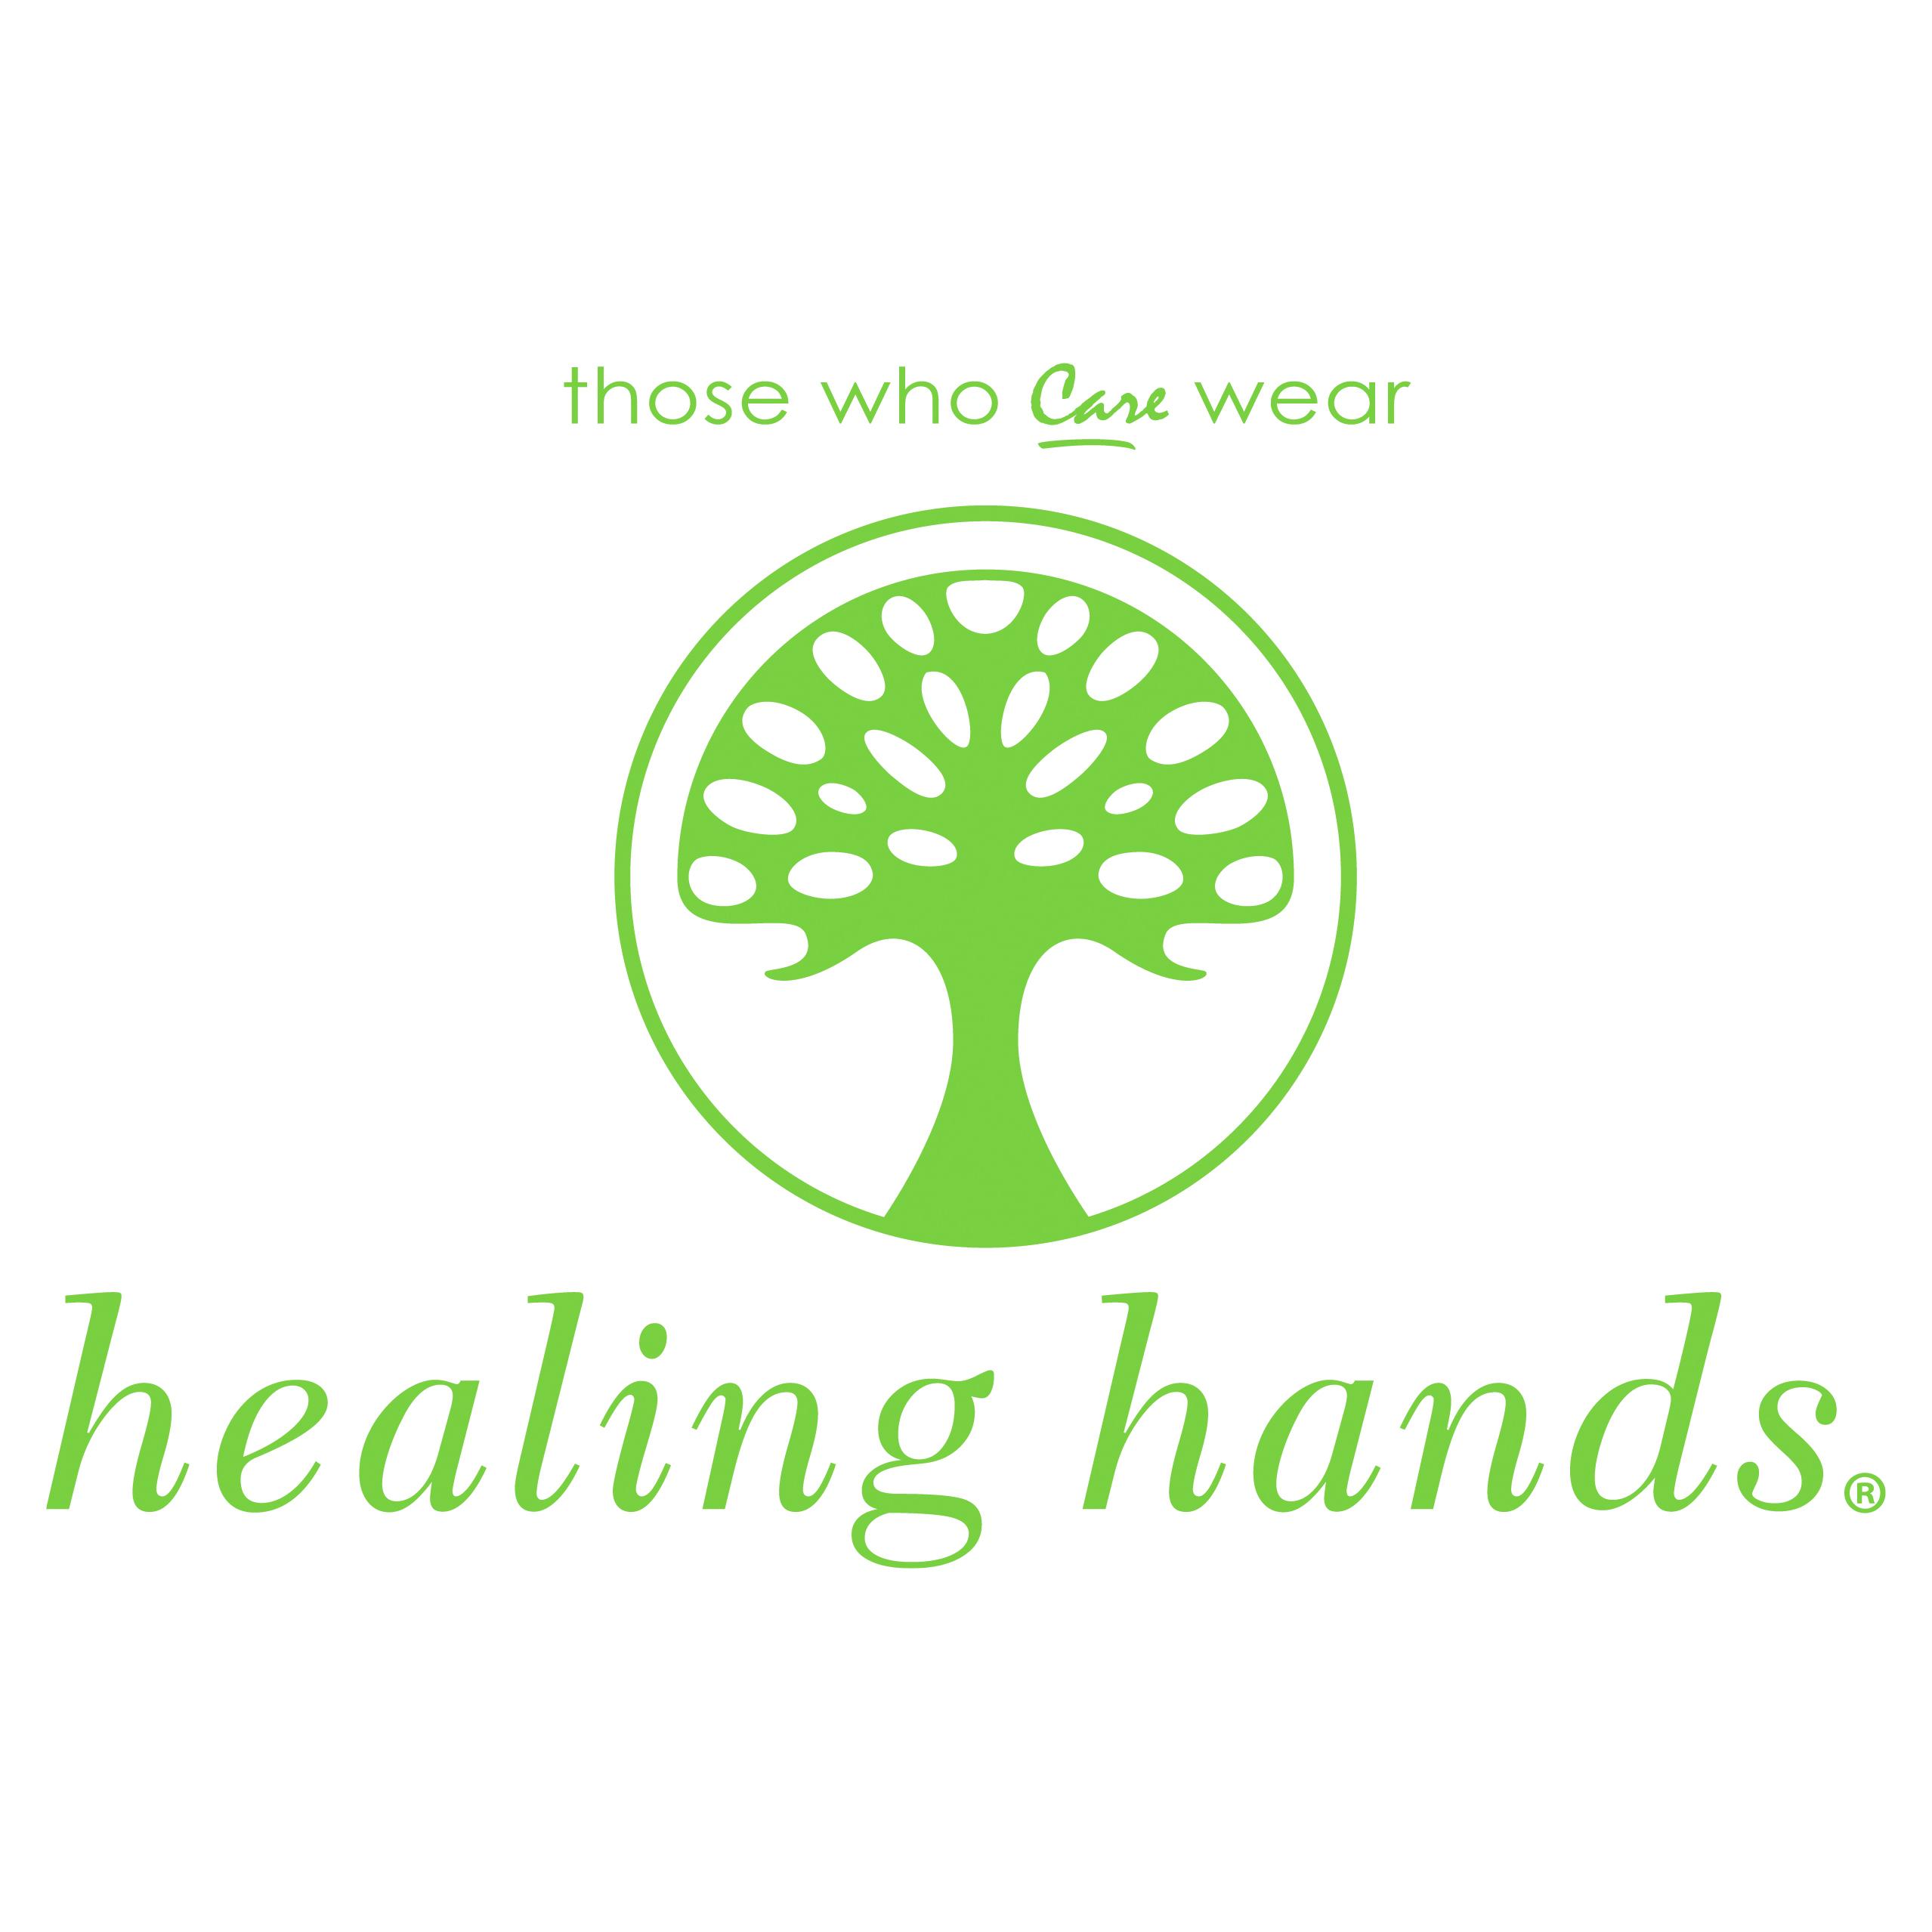 HealingHandslogoclean.jpg